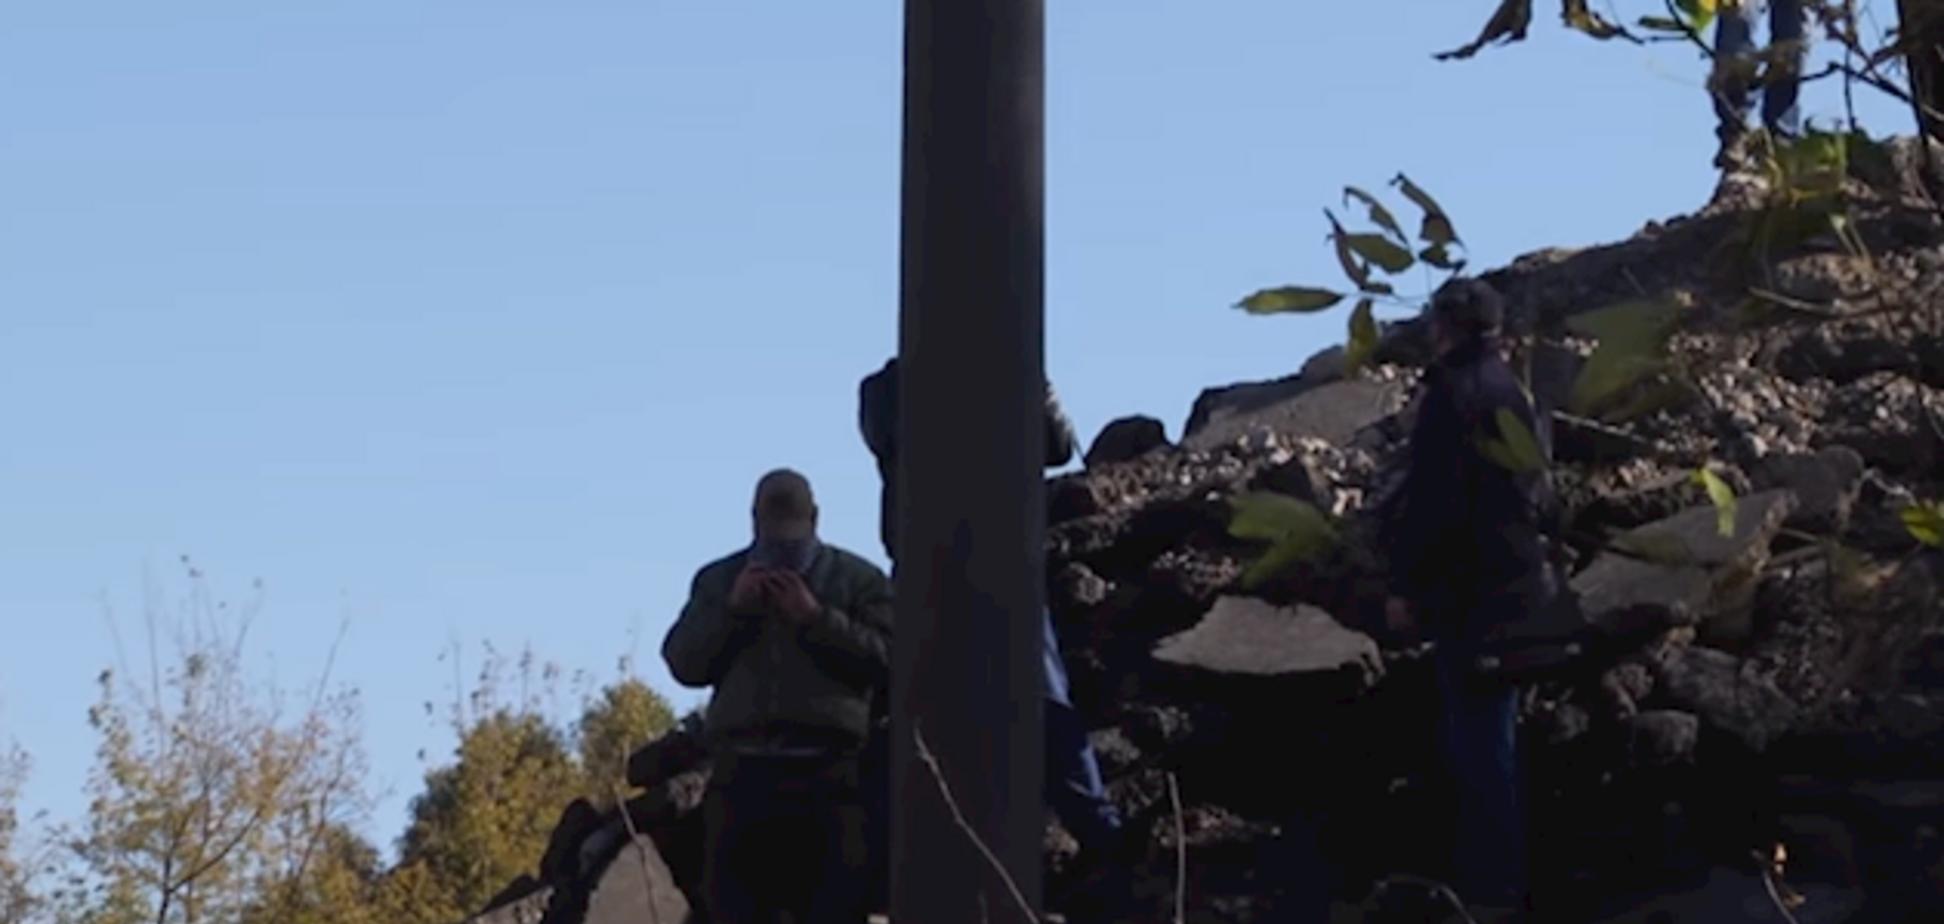 Захват воинской части в Одессе: прокуратура задержала командира